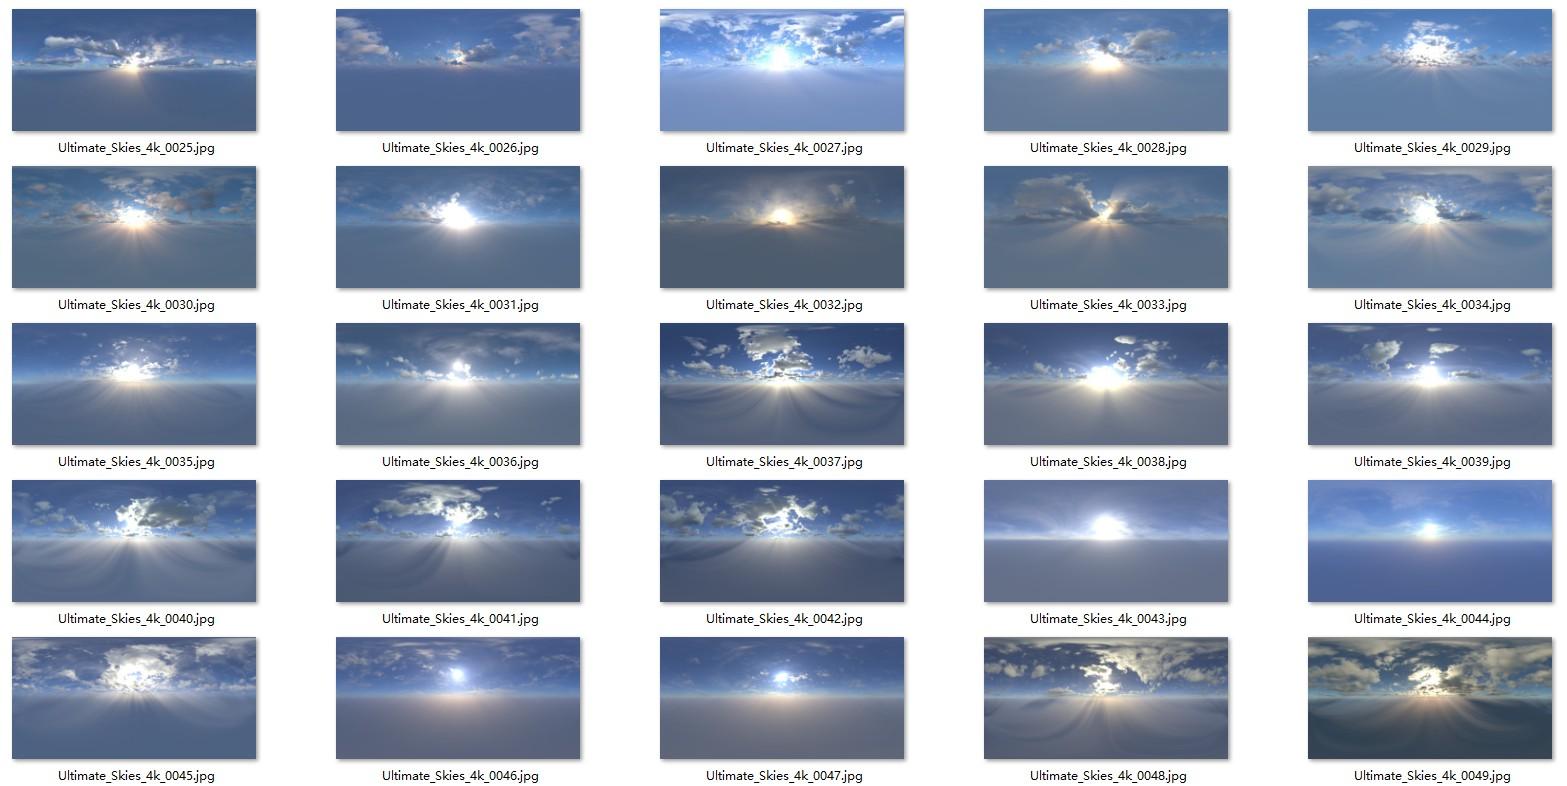 Agancg_HDR_Ultimate_Skies02